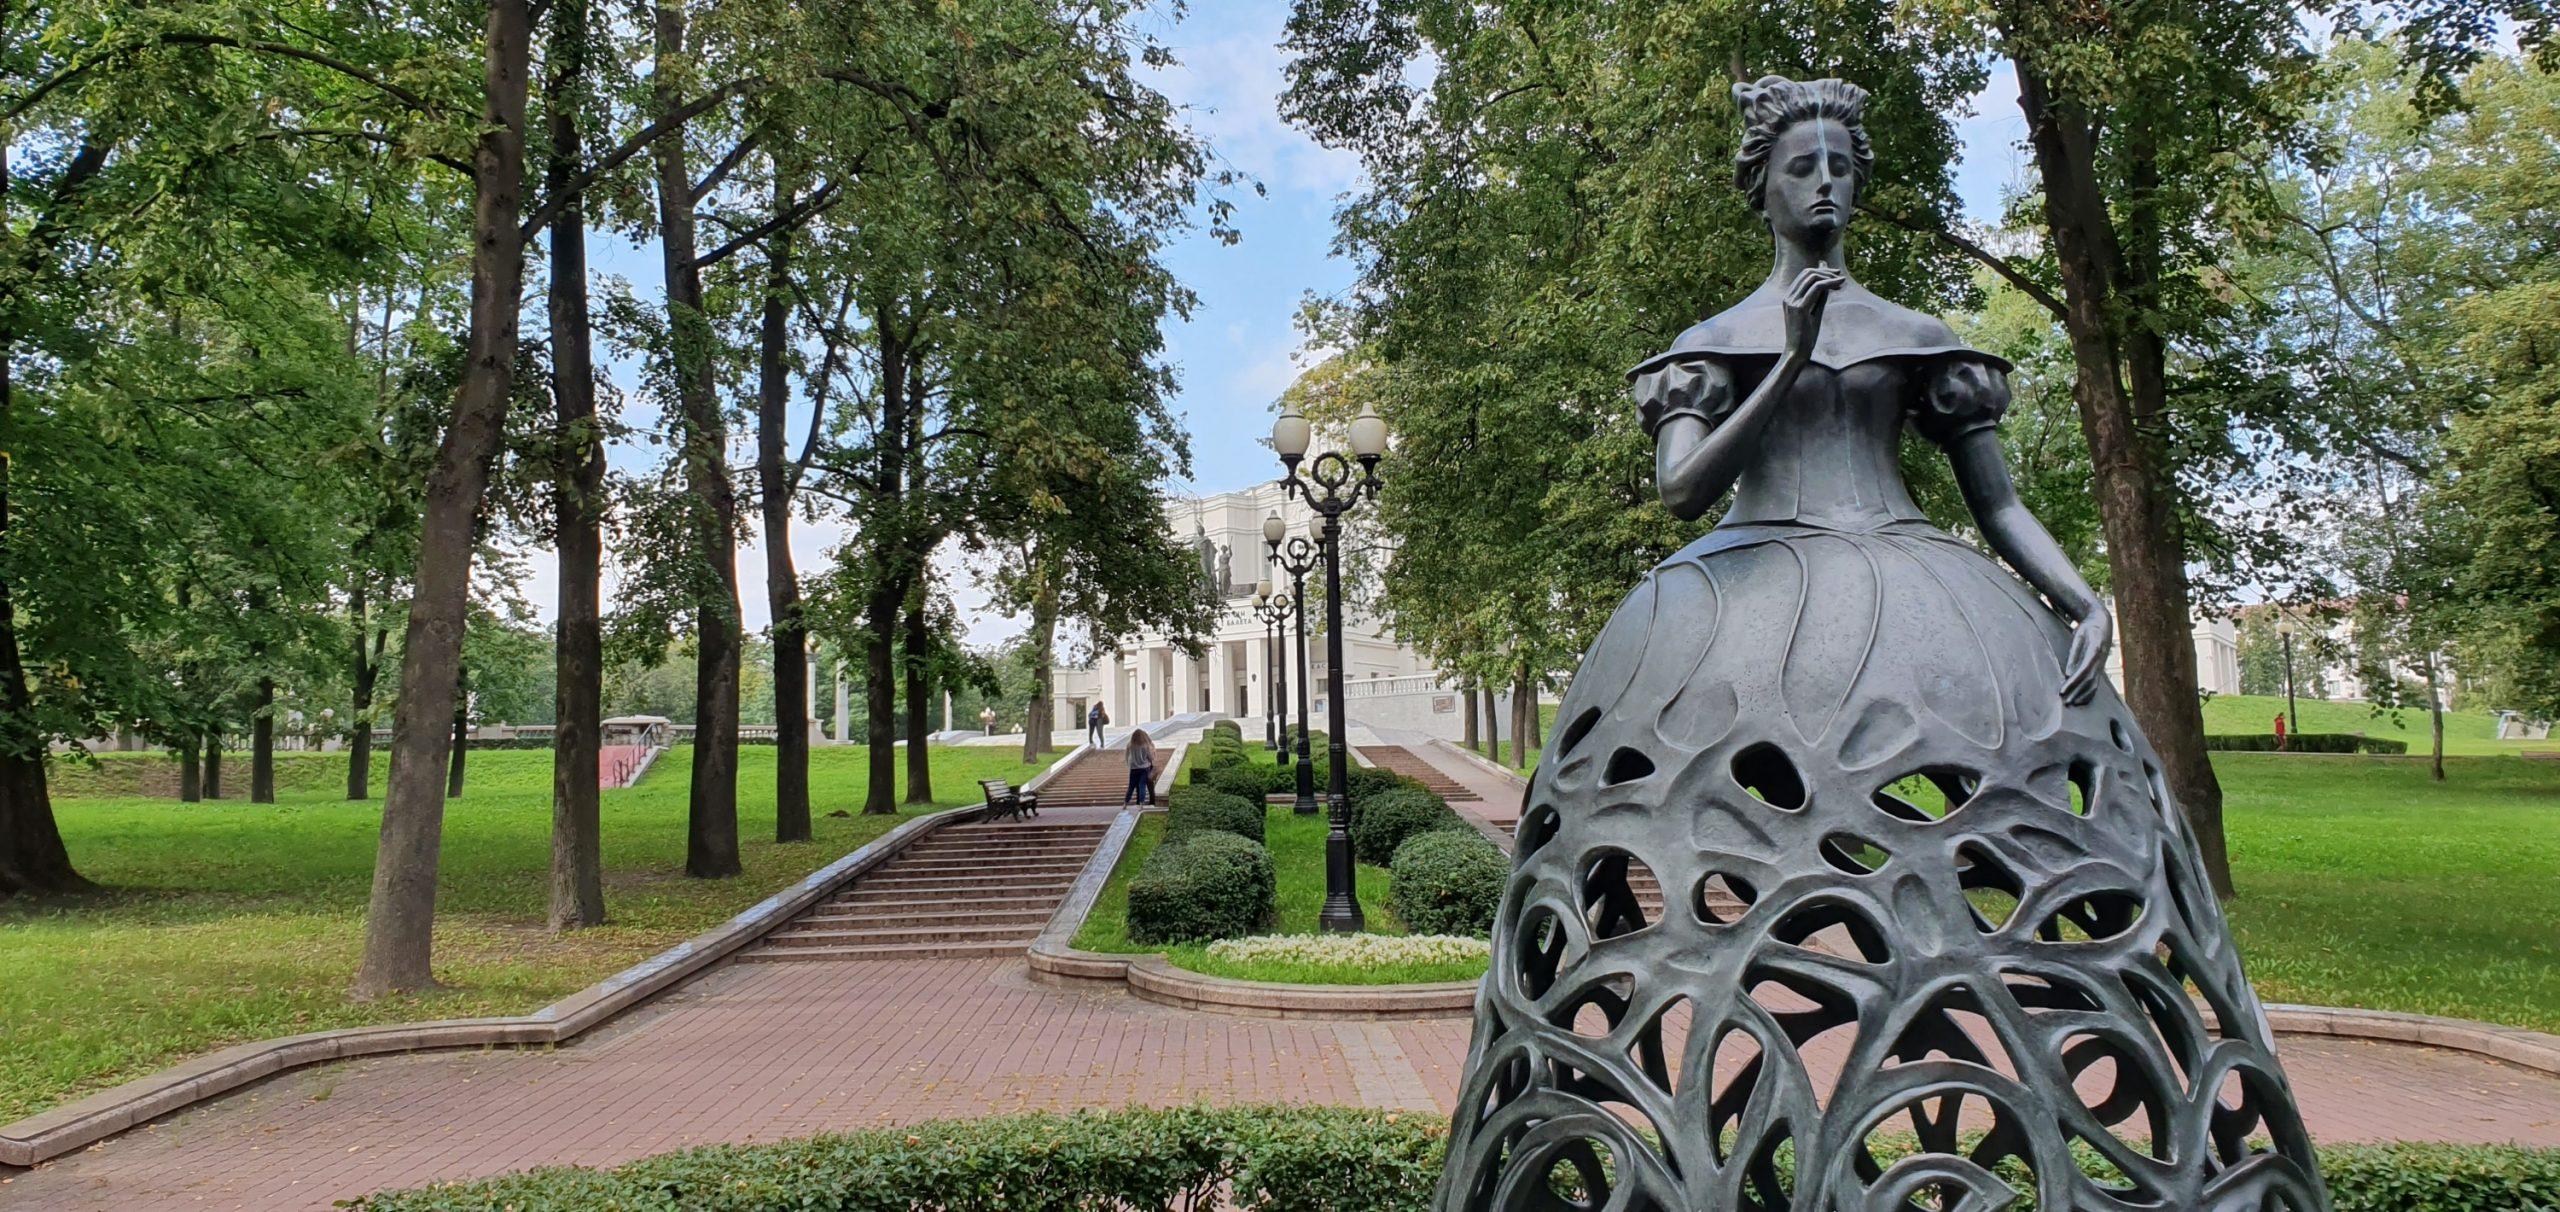 7 août : Minsk - jour 1